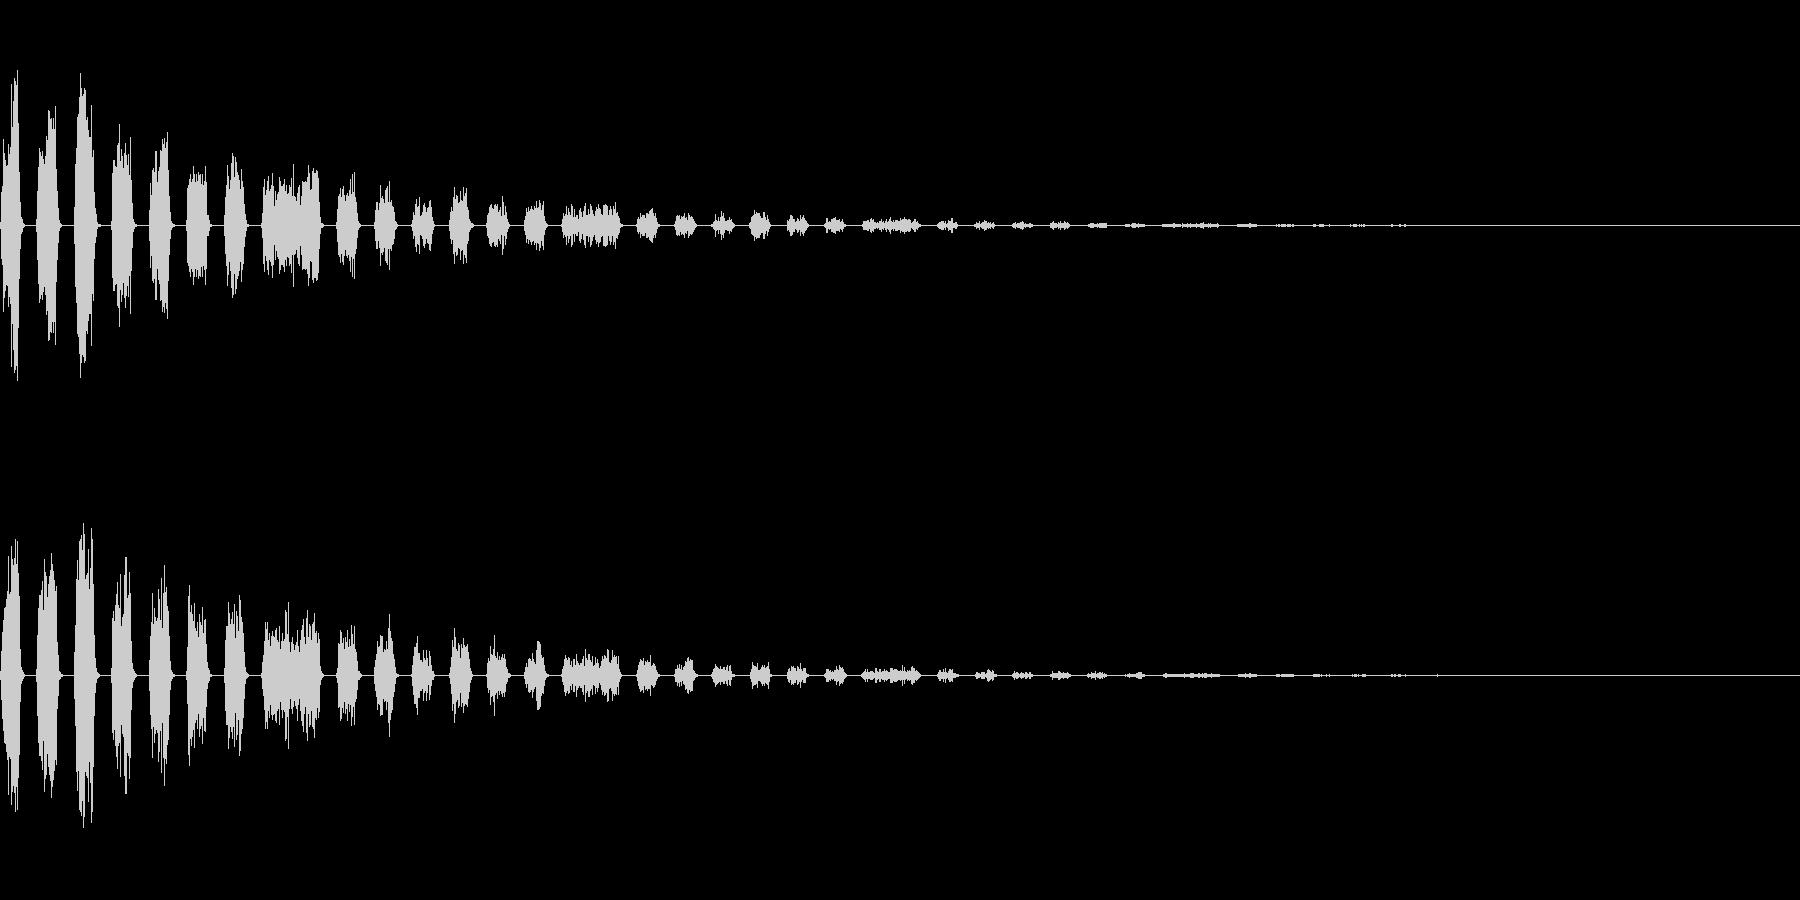 251 爆発(2-3)の未再生の波形